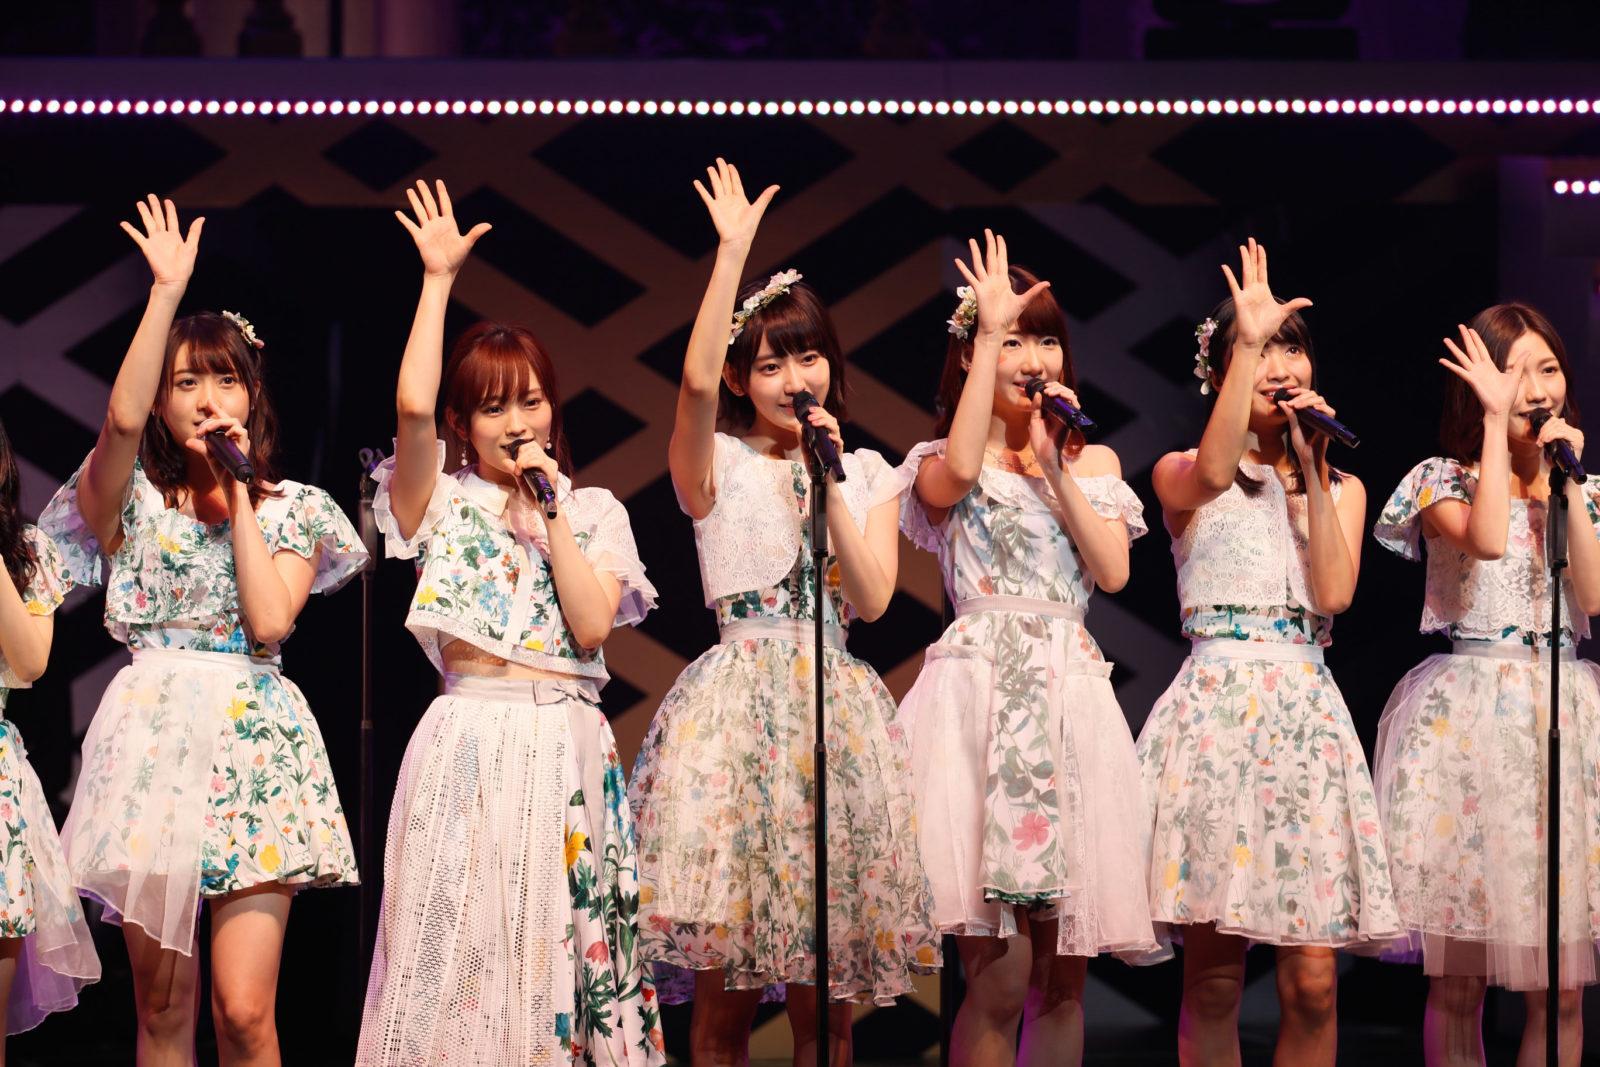 「AKB48グループリクエストアワー セットリストベスト100 2017」 DVD & Blu-rayジャケット&ダイジェスト映像公開サムネイル画像